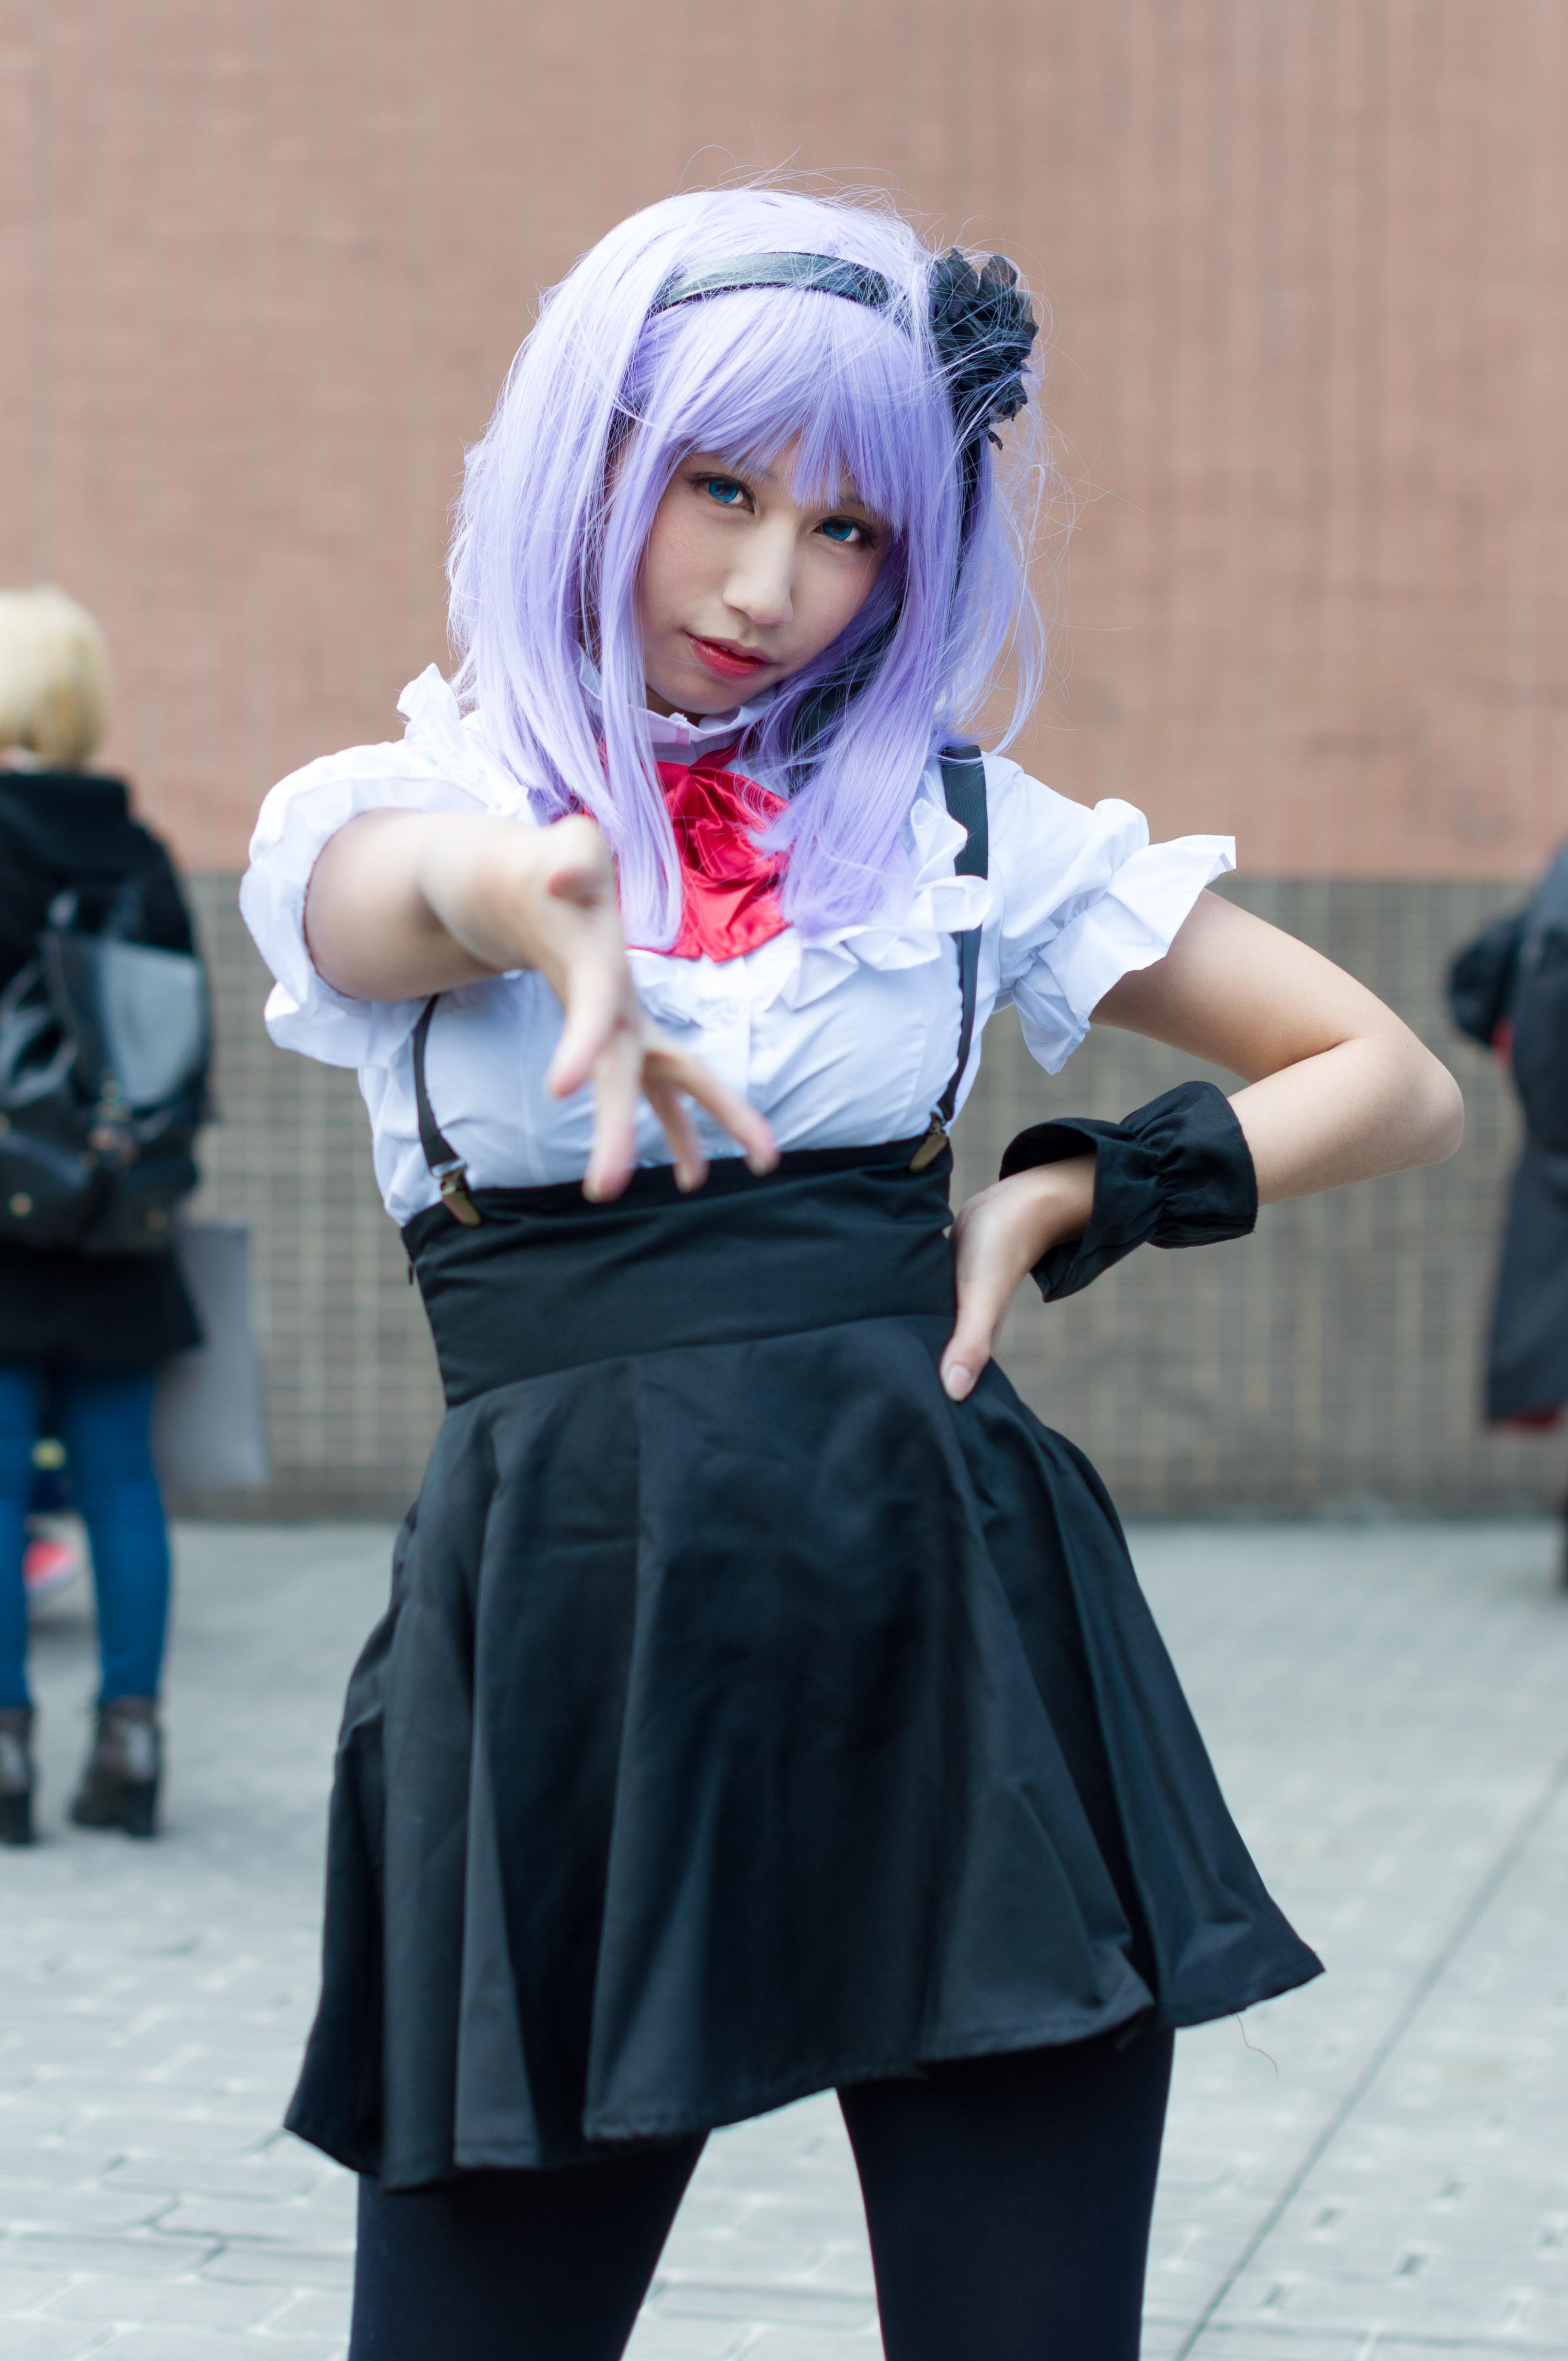 Dagashi kashi hotaru cosplay